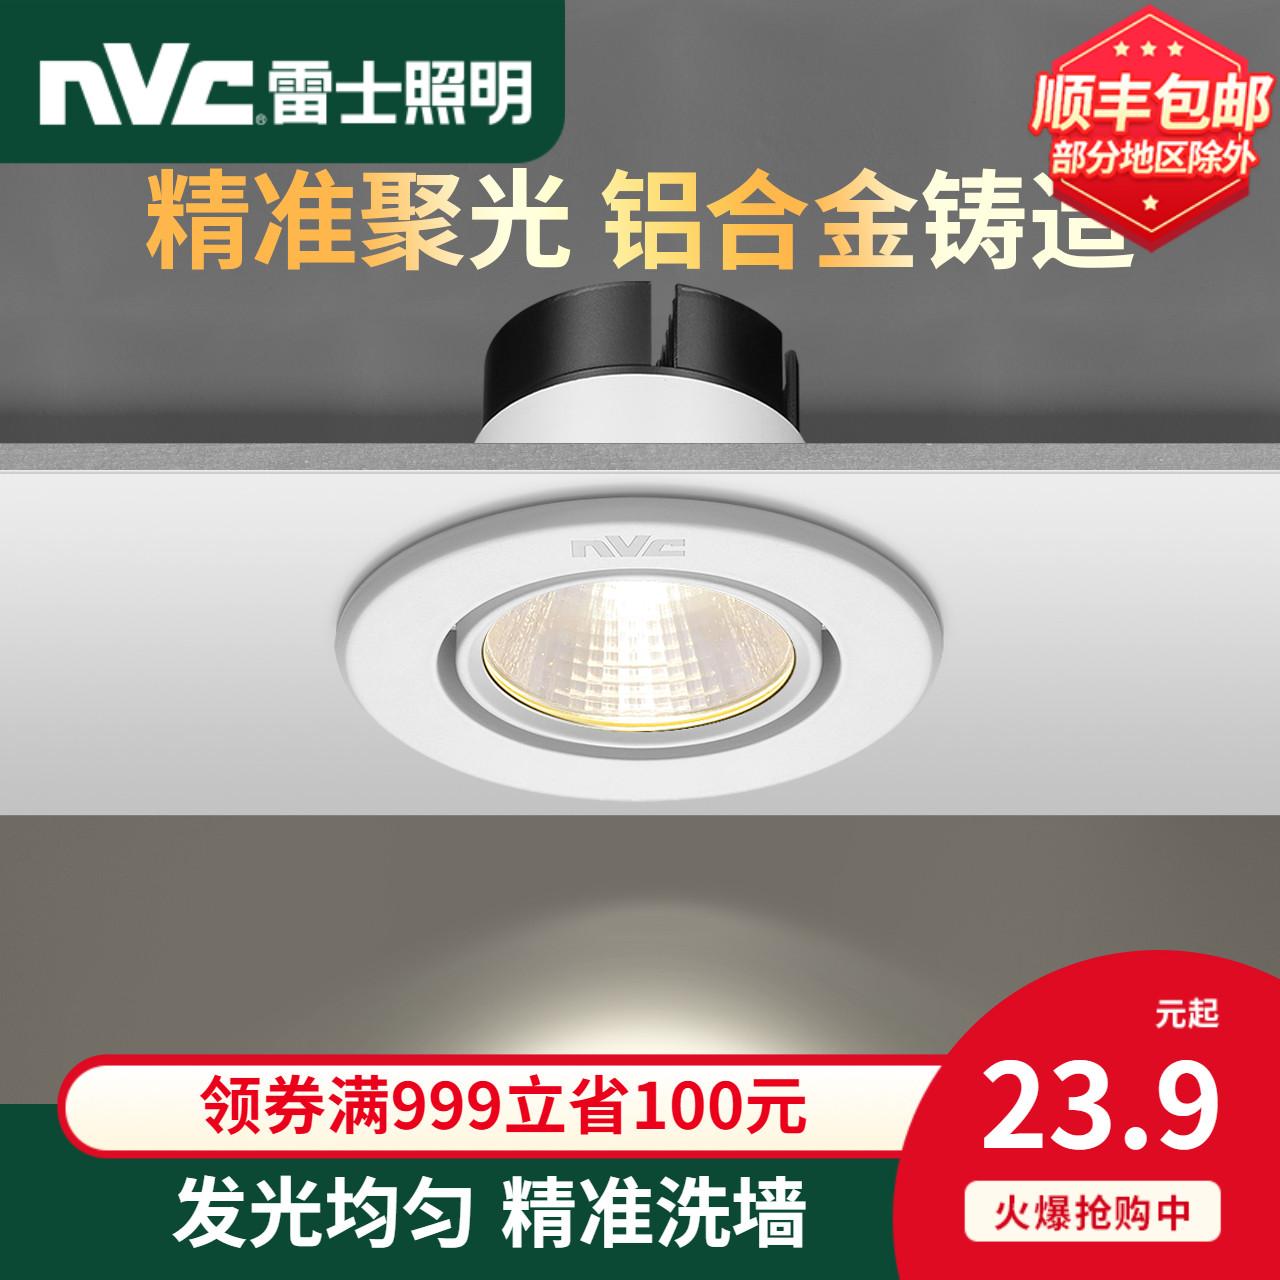 铝材孔灯射灯客厅吊顶牛眼筒灯